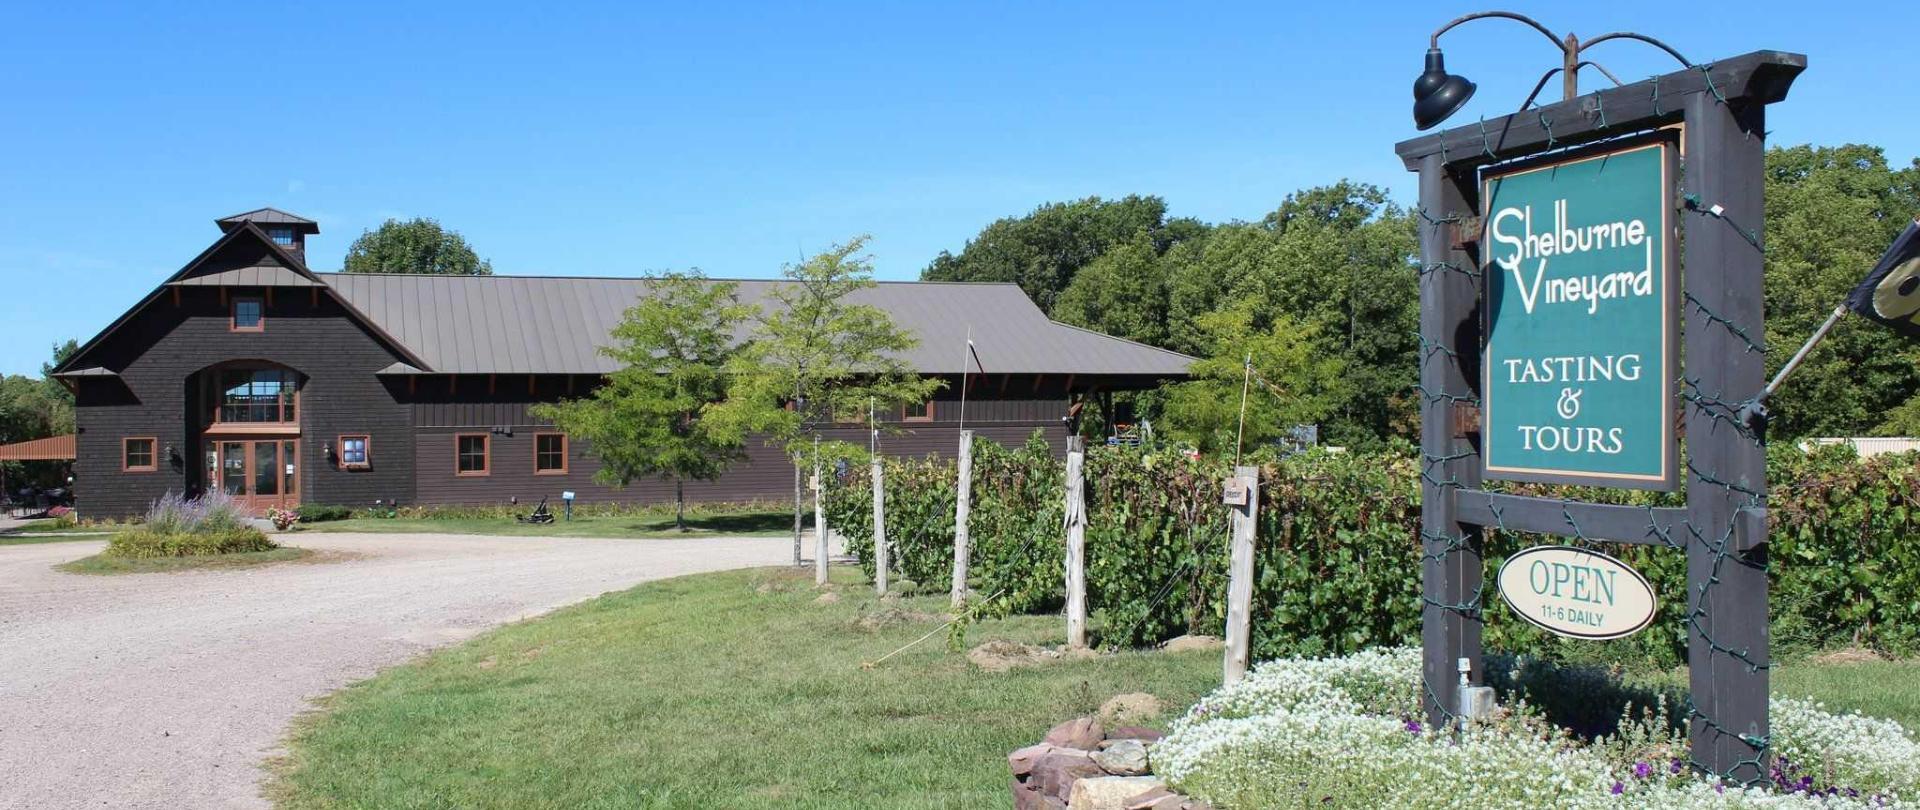 shelburne-vineyard-heart-of-the-village-inn.JPG